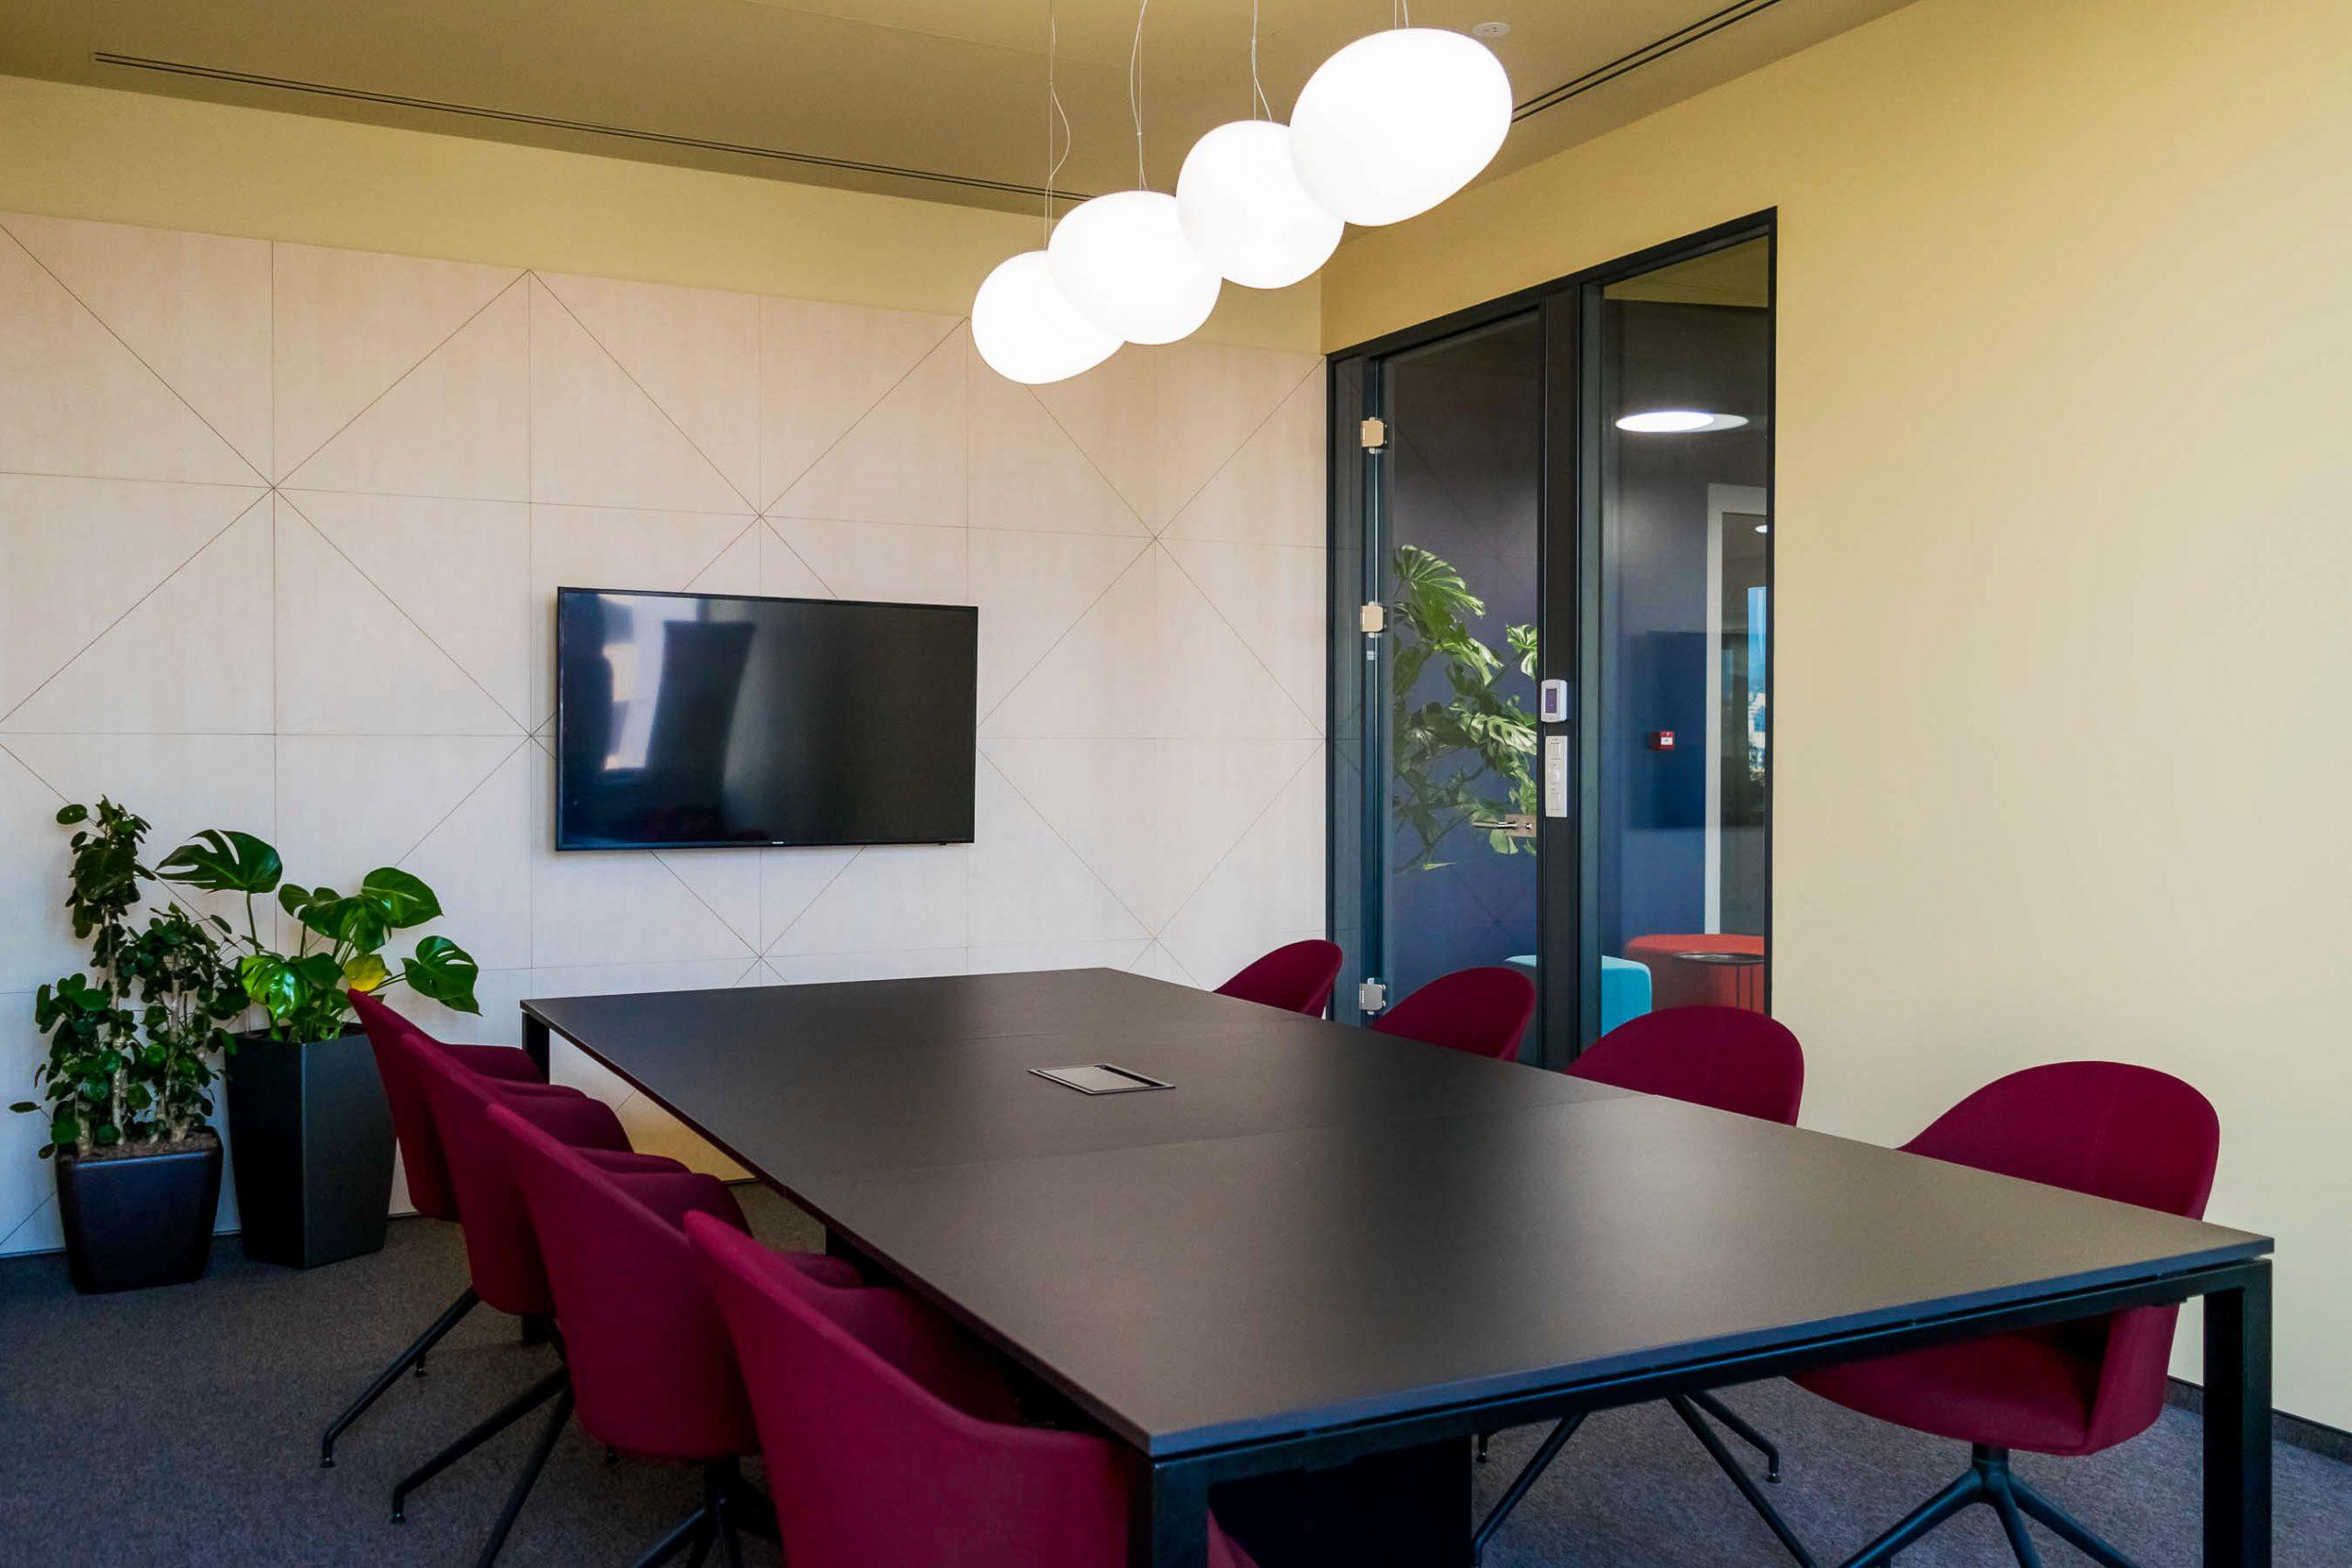 Kancelárske priestory EXXETA, Bratislava, zasadacia miestnosť, VAUarchitects